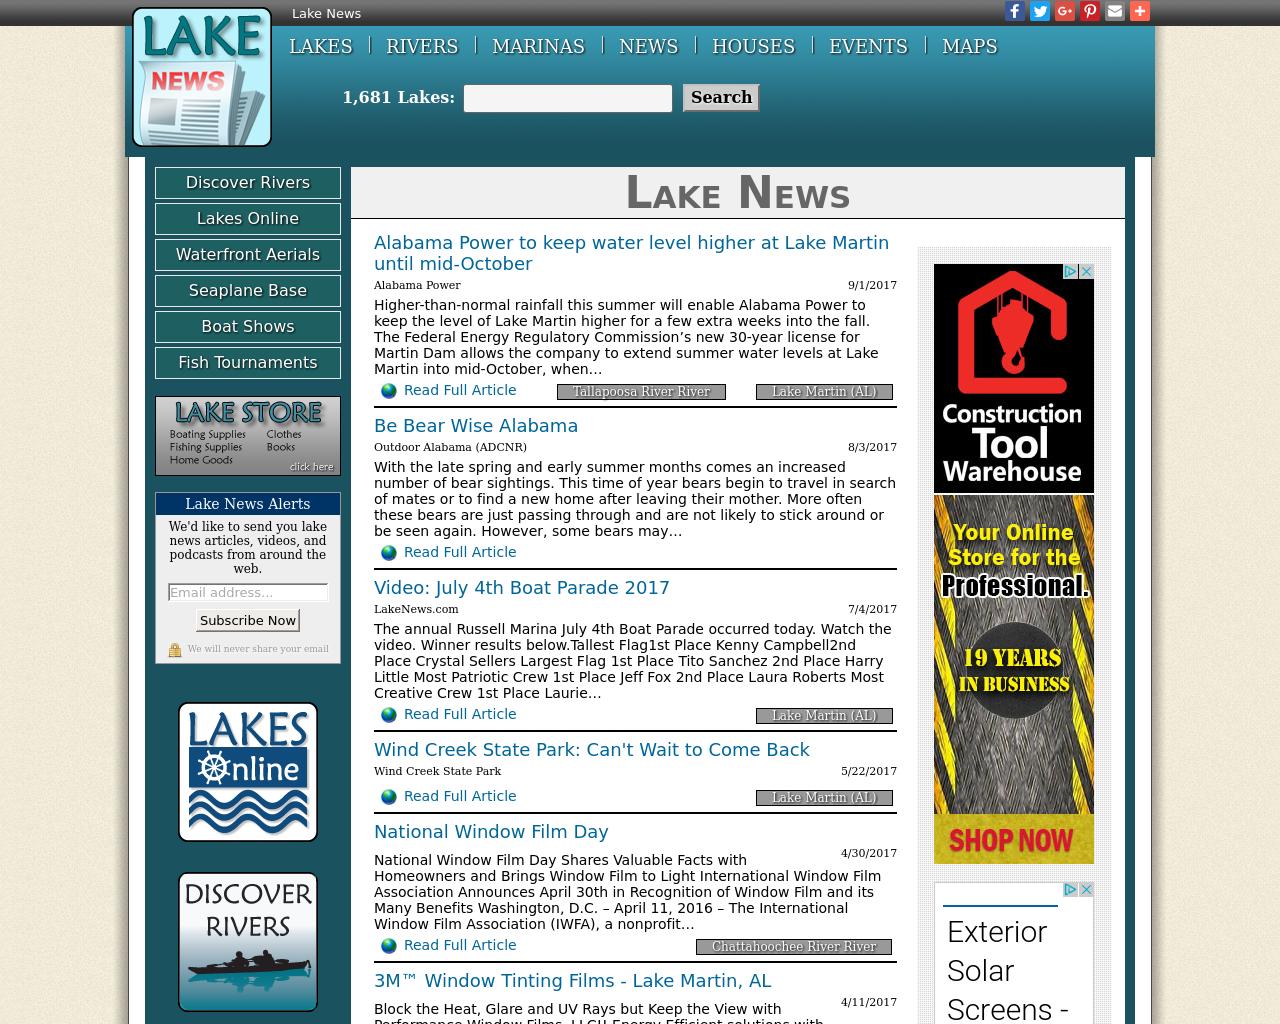 Lake-News-Advertising-Reviews-Pricing